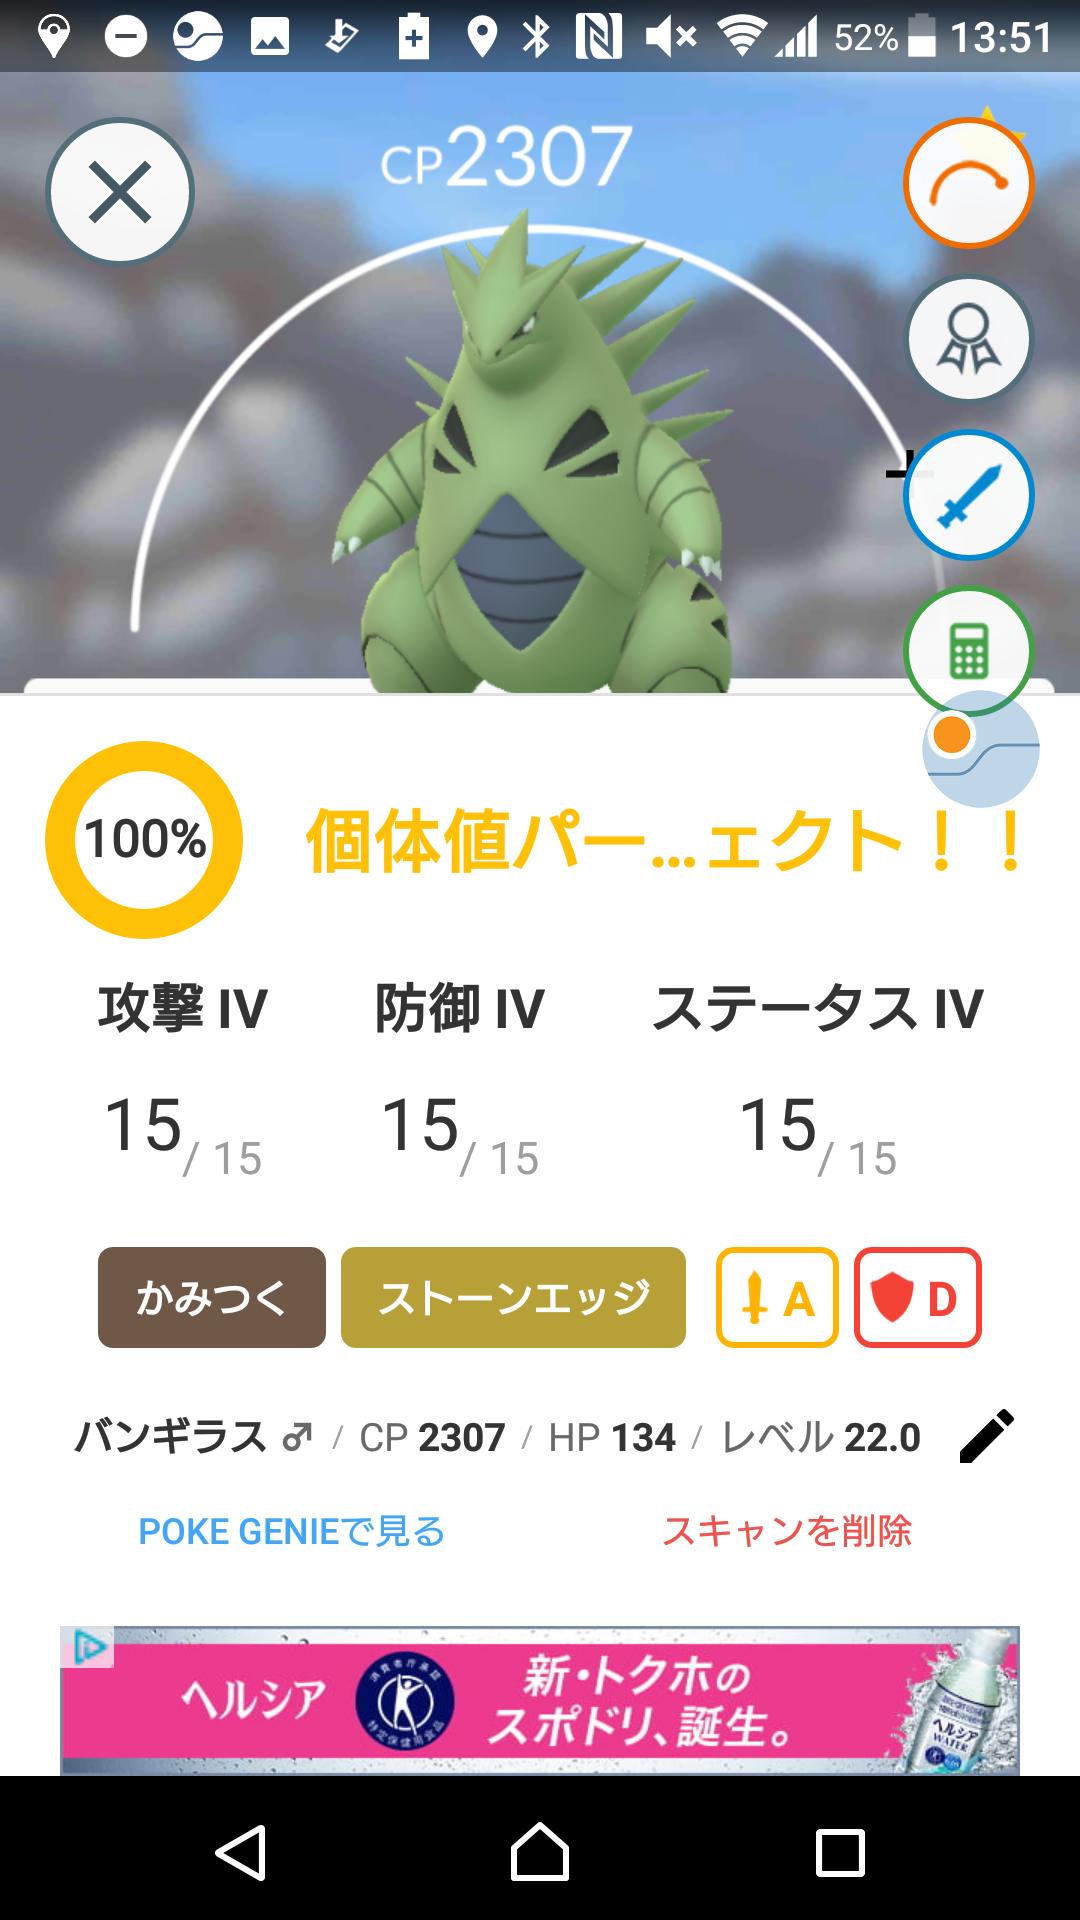 チェッカー 個体 アプリ ポケモン go 値